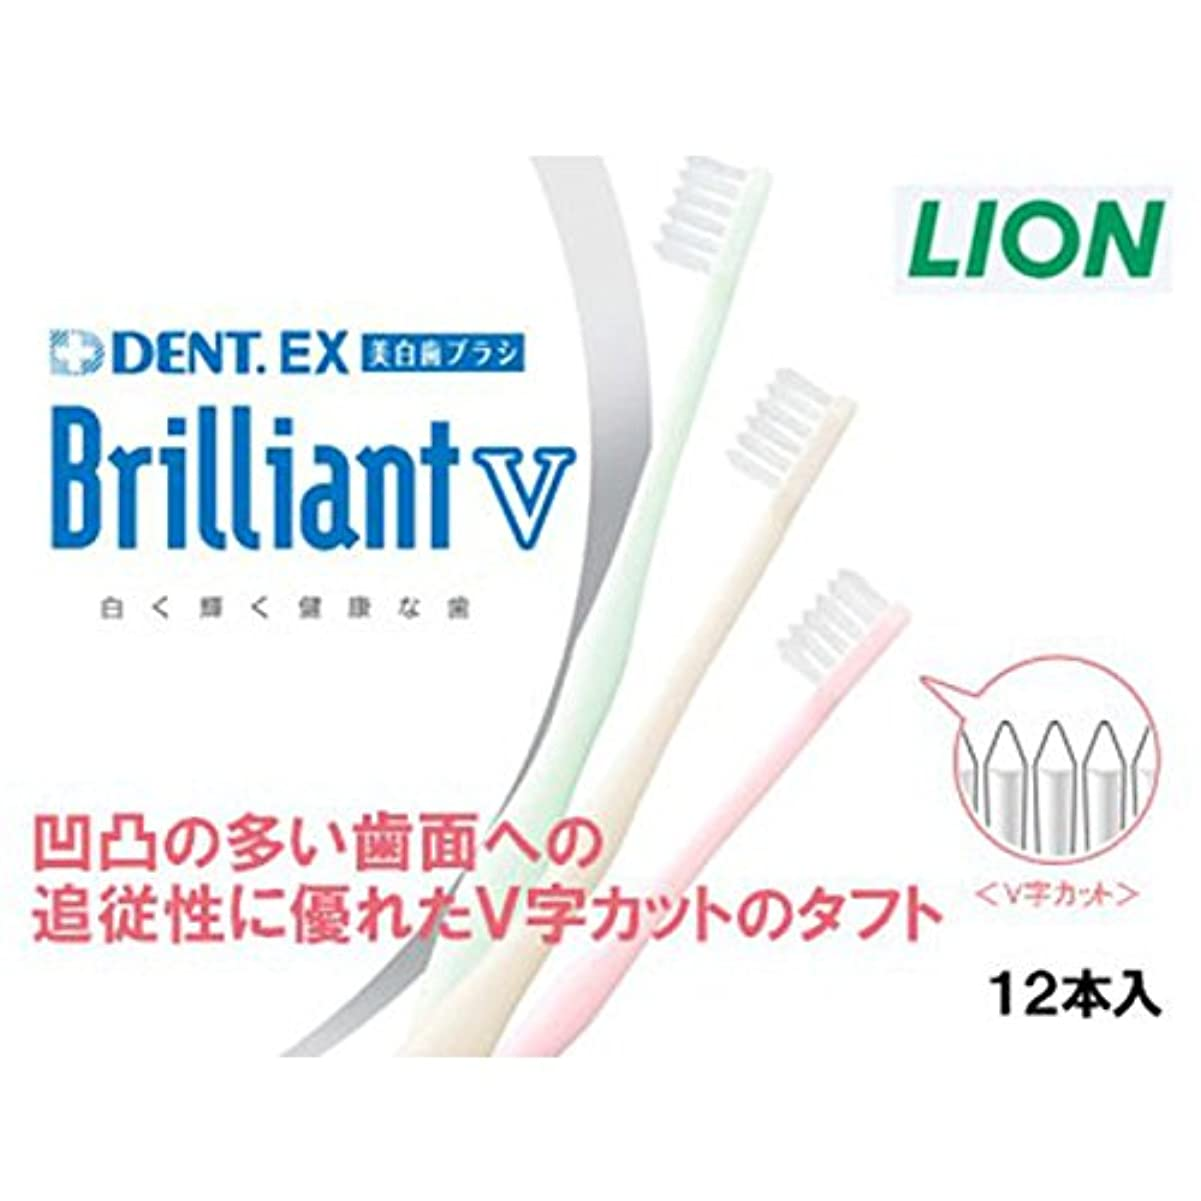 最愛のアナリストナラーバーライオン ブリリアントV 歯ブラシ DENT.EX BrilliantV 12本